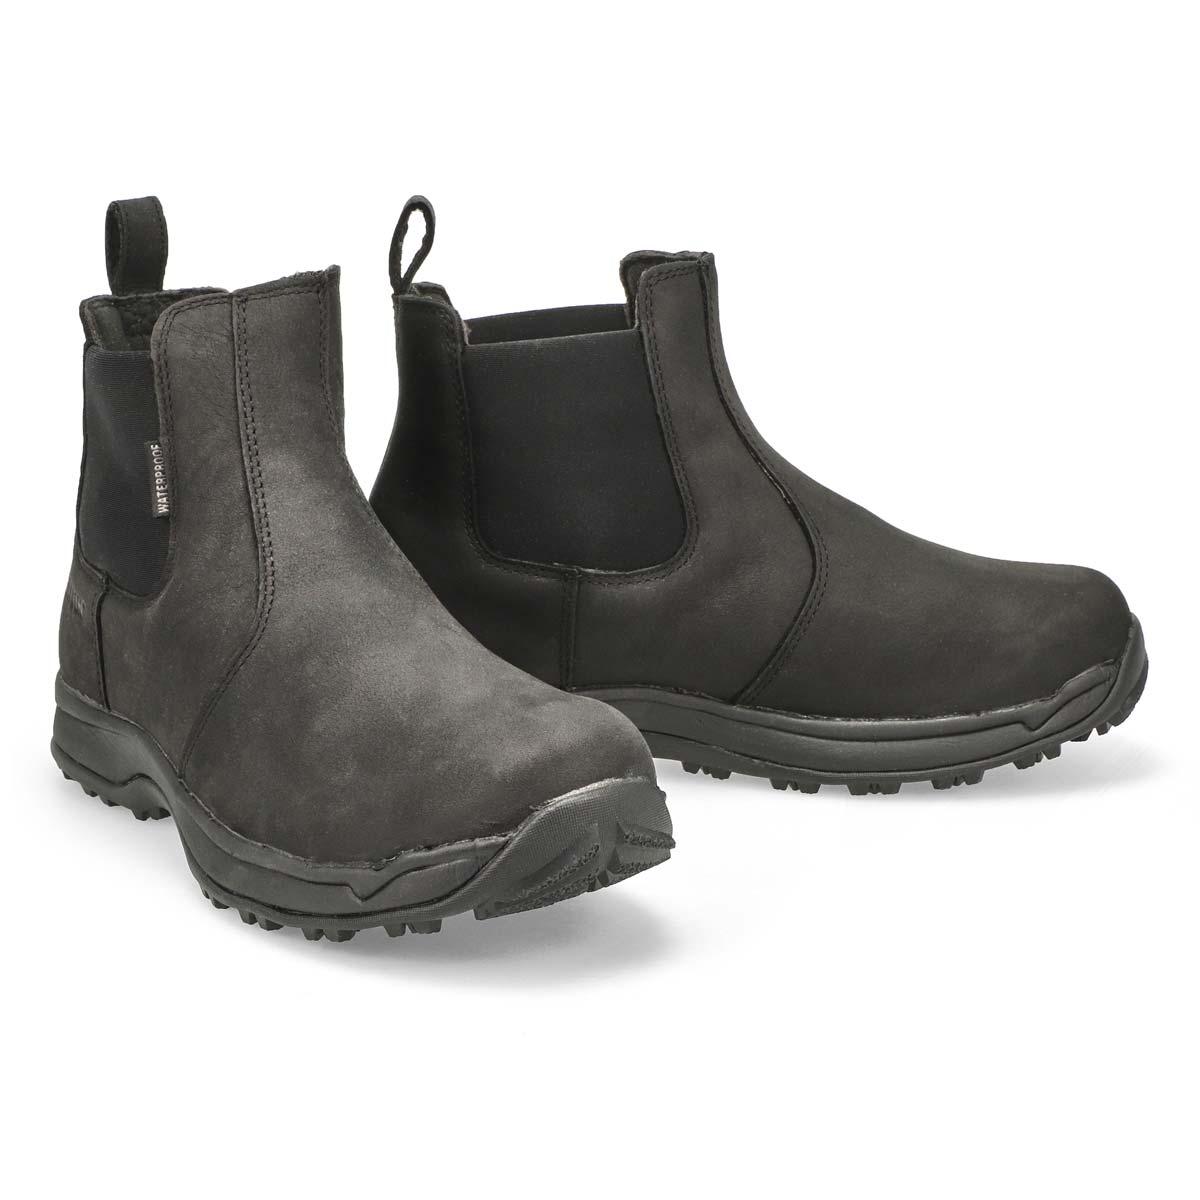 Men's Copenhagen Waterproof Chelsea Boot - Black